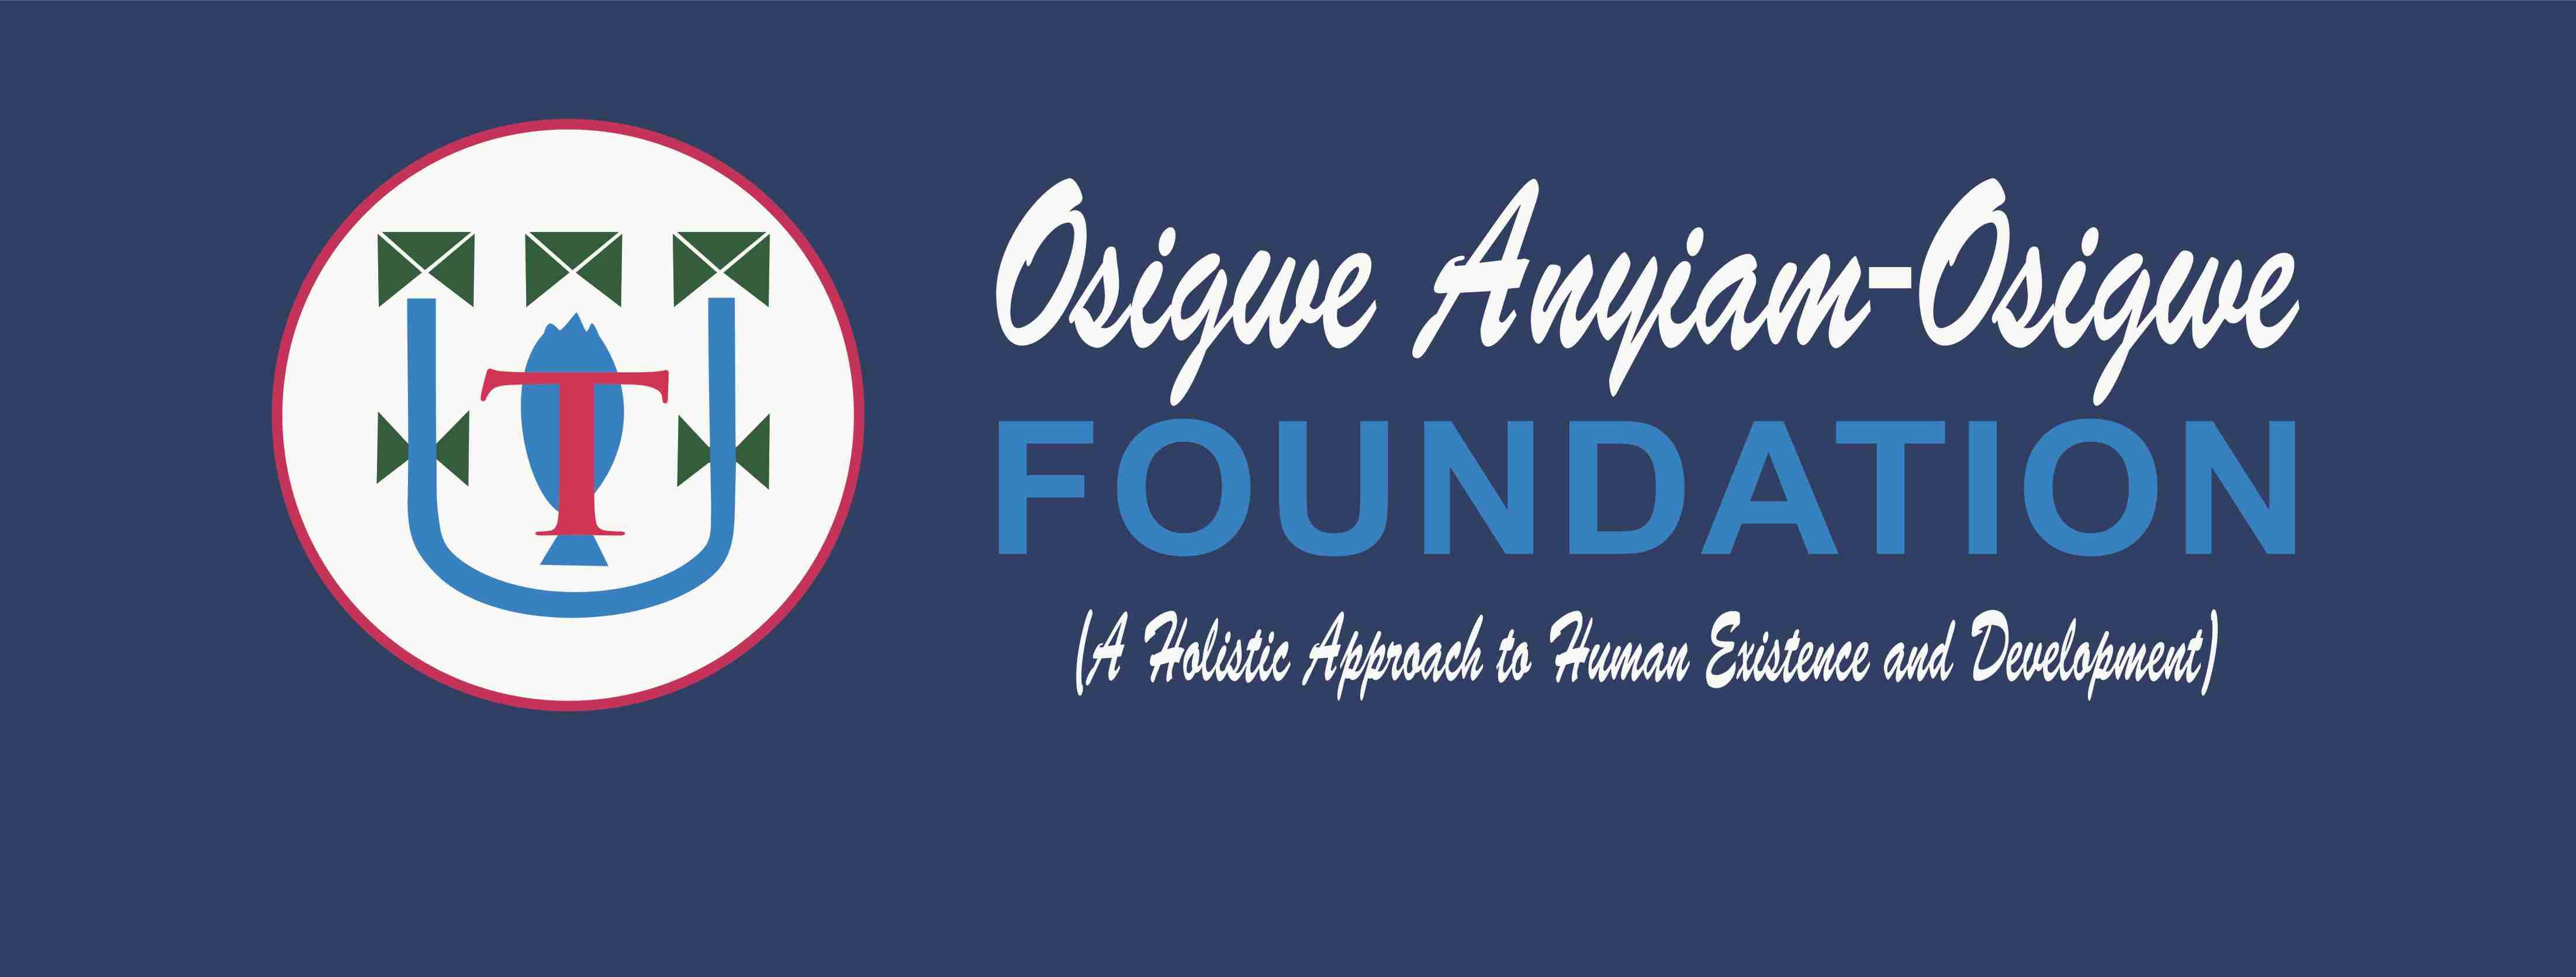 Osigwe Anyiam Osigwe Foundation